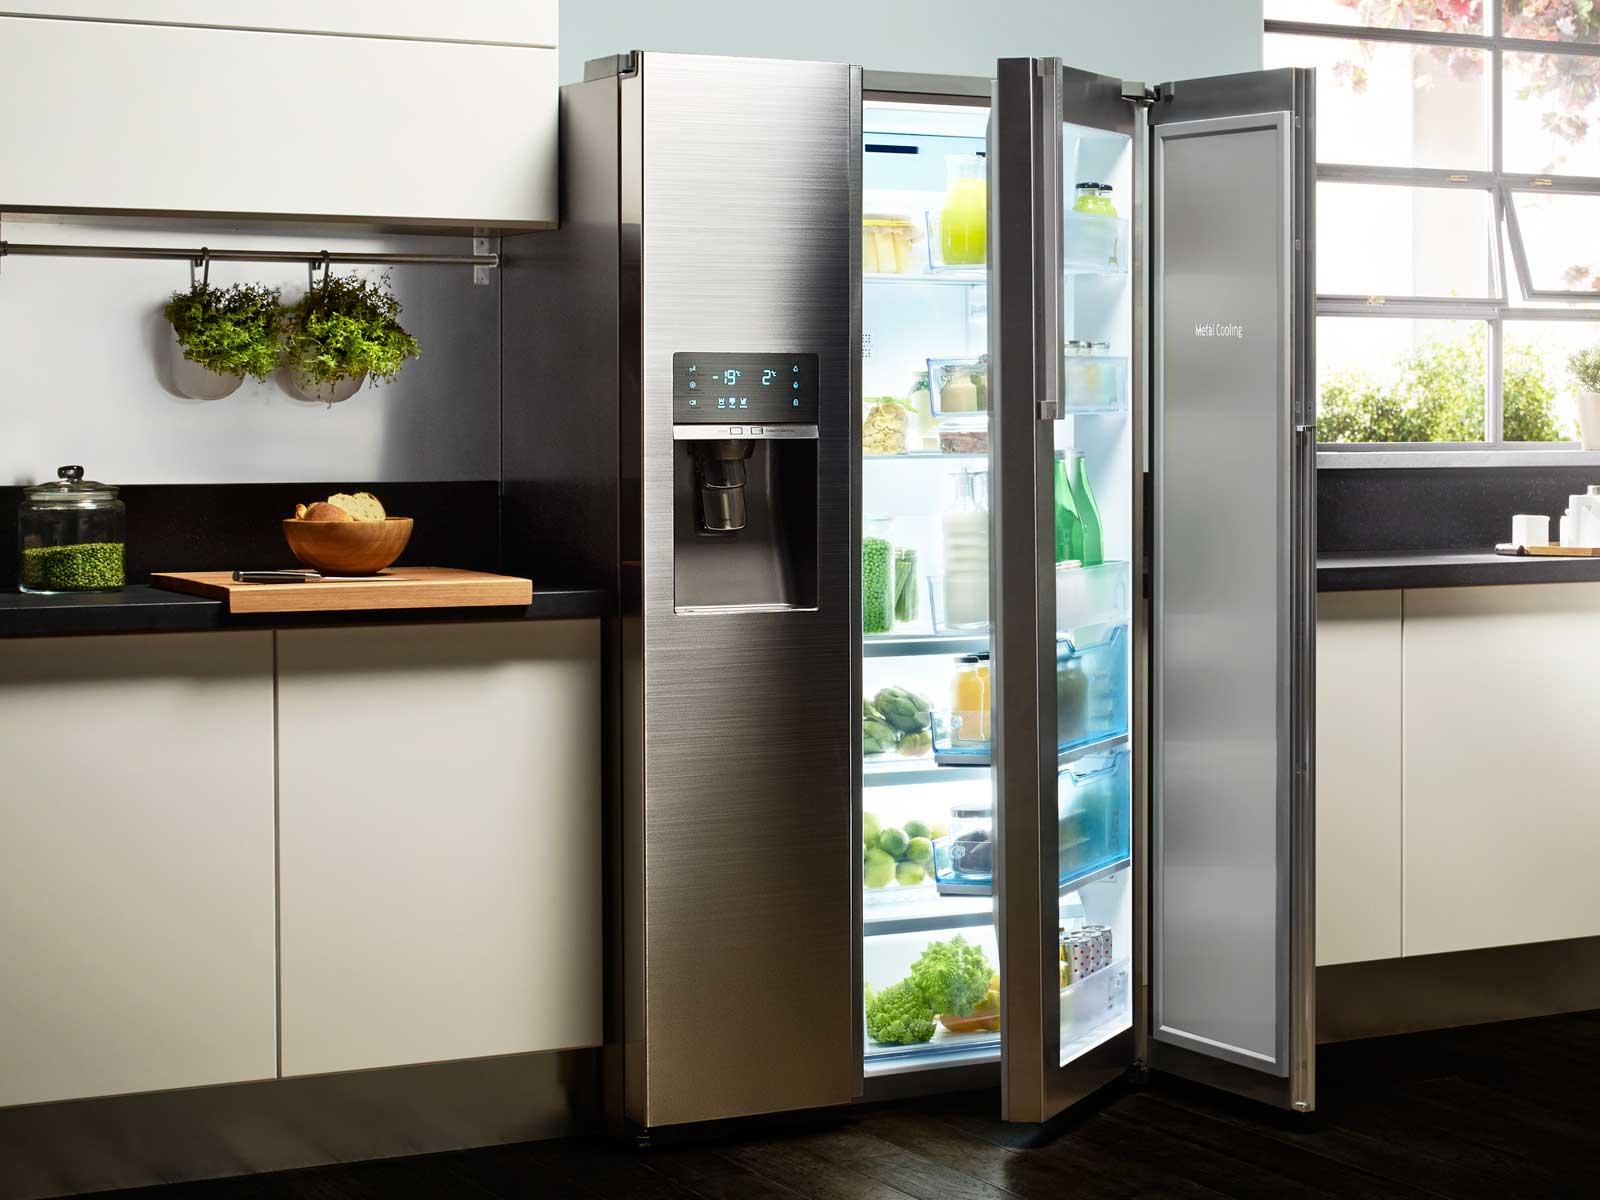 Отключение холодильника